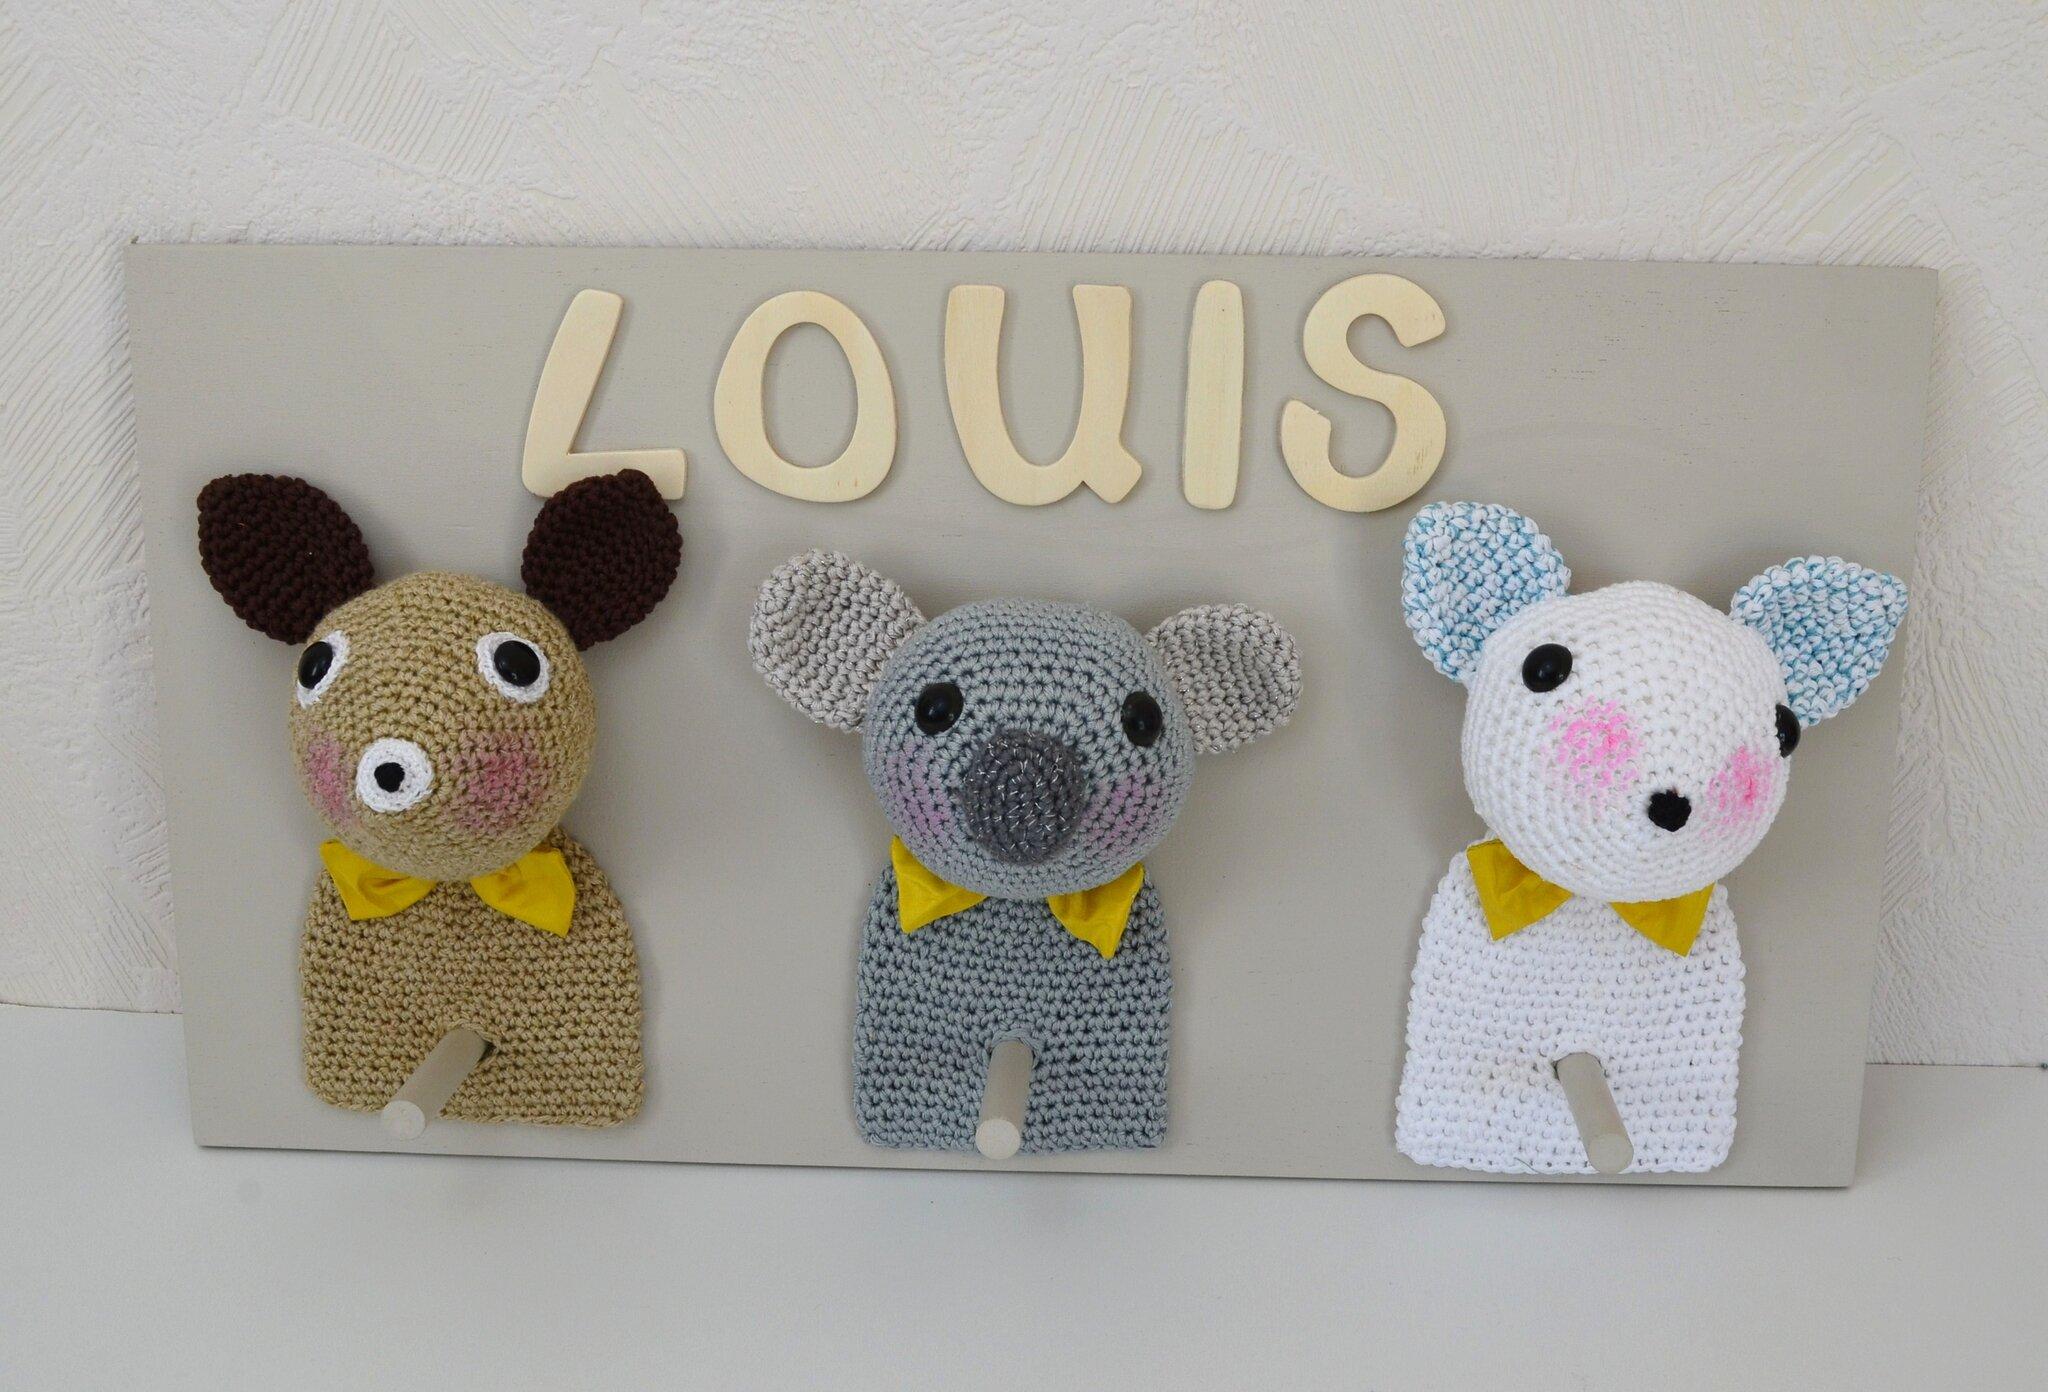 Animaux_crochet_laine_porte_manteau_La_chouette_bricole__9_